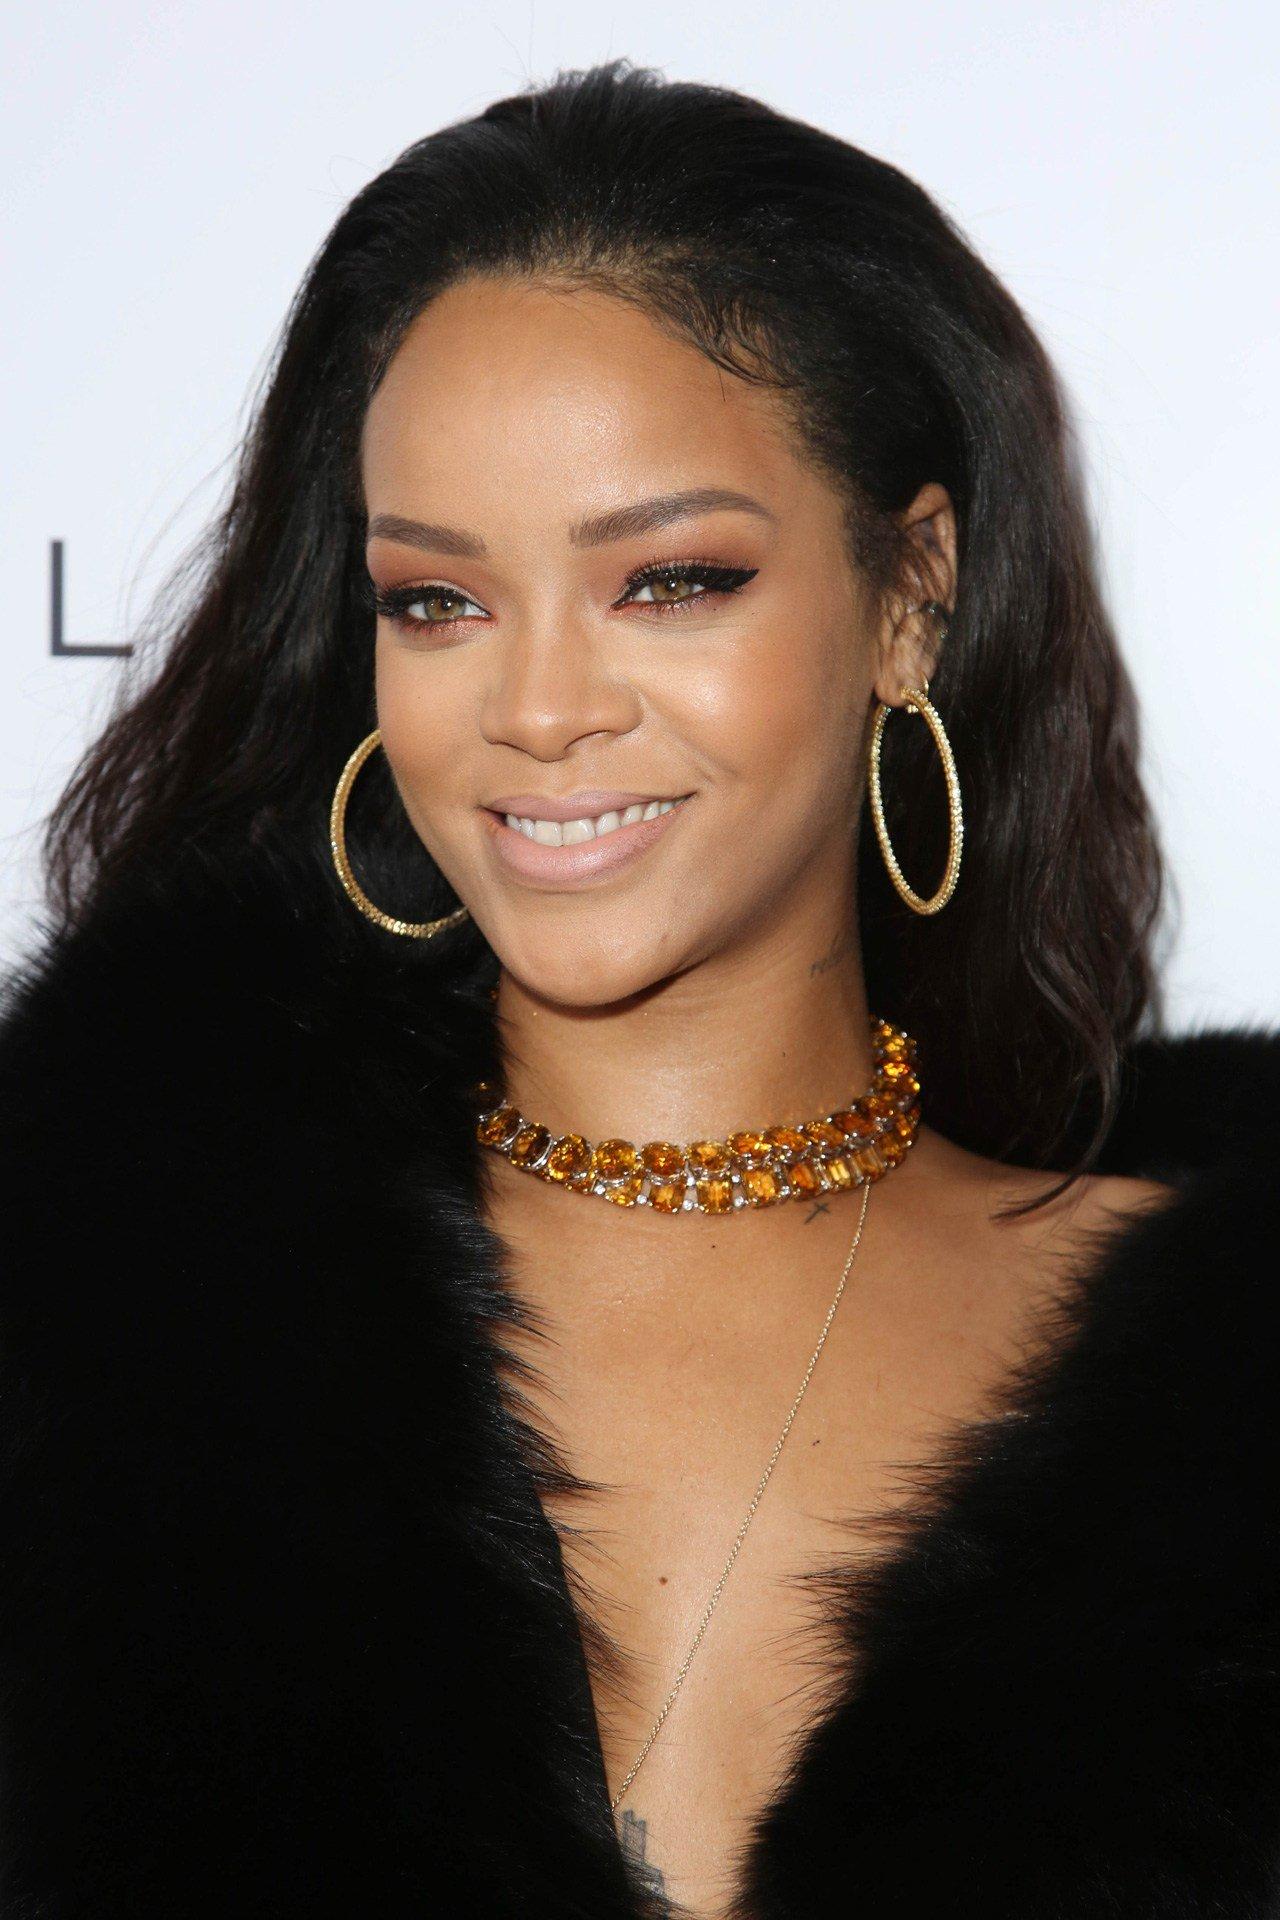 Meet the designers following in Rihanna's footsteps - https://t.co/tebLAWY10Y https://t.co/JXkA6jMWfC